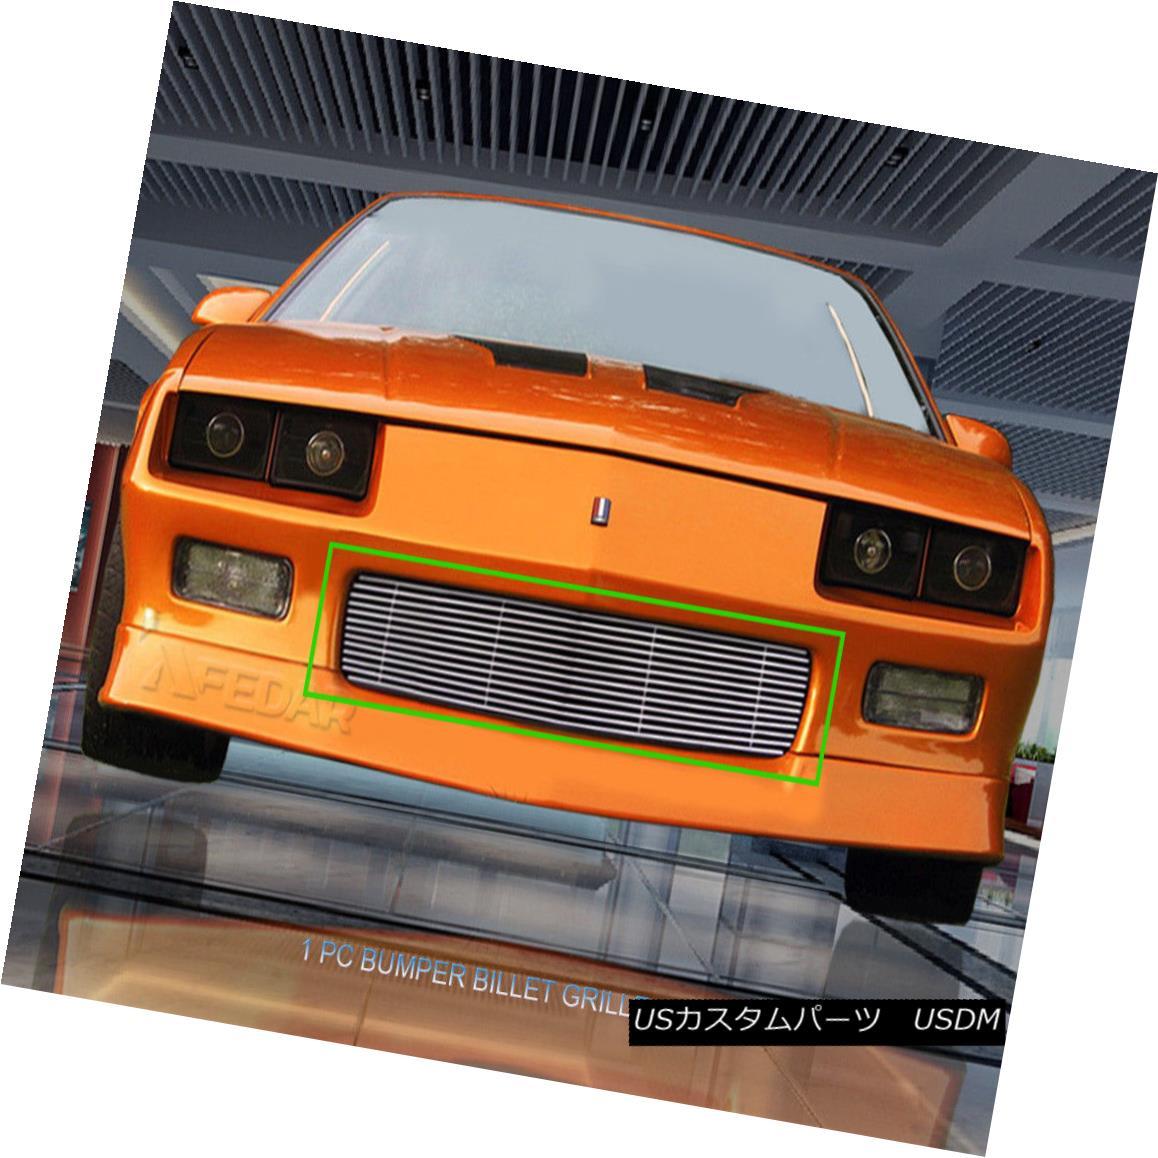 グリル Fits 88-92 Chevy Camaro Billet Grille Grill Insert フィット88-92シボレーカマロビレットグリルグリルインサート